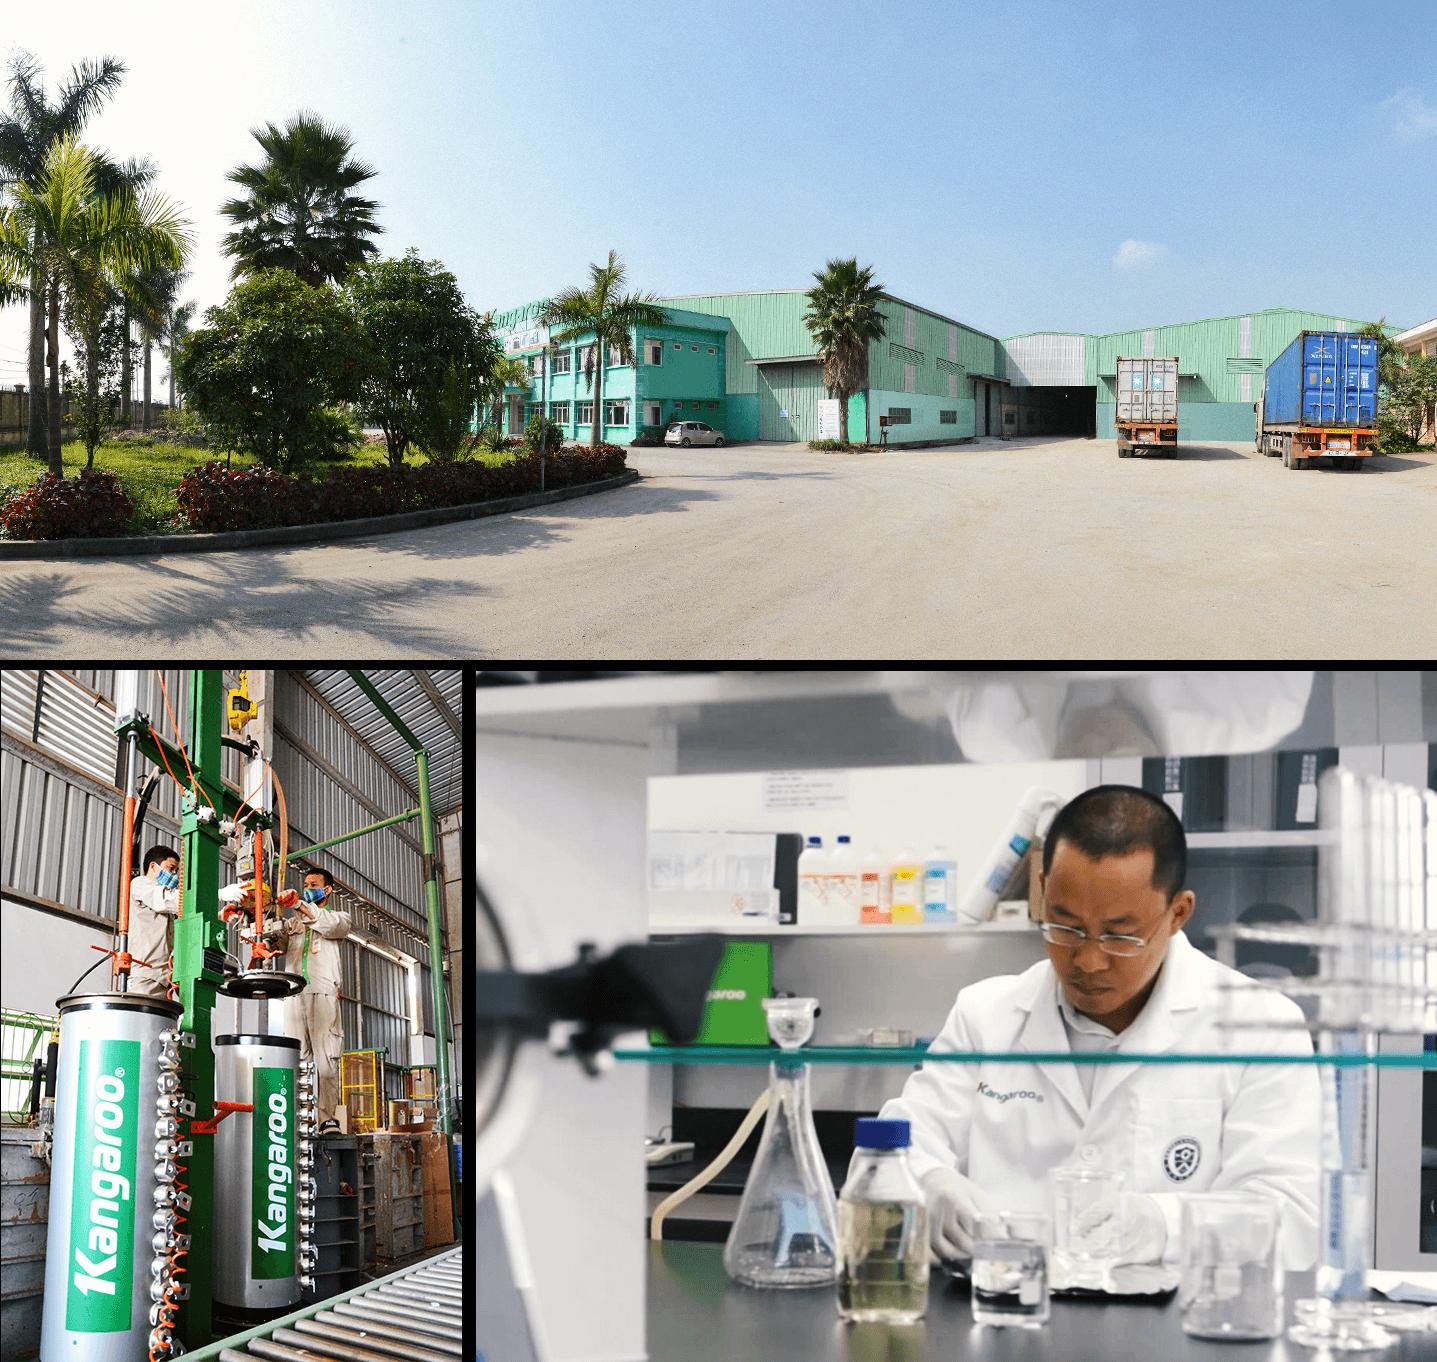 Sau thời gian tích lũy, hiện nay Kangaroo đang đầu tư để mở một nhà máy thứ 3, nâng dần tỷ lệ nội địa hóa sản phẩm từ 10% lên 70%.